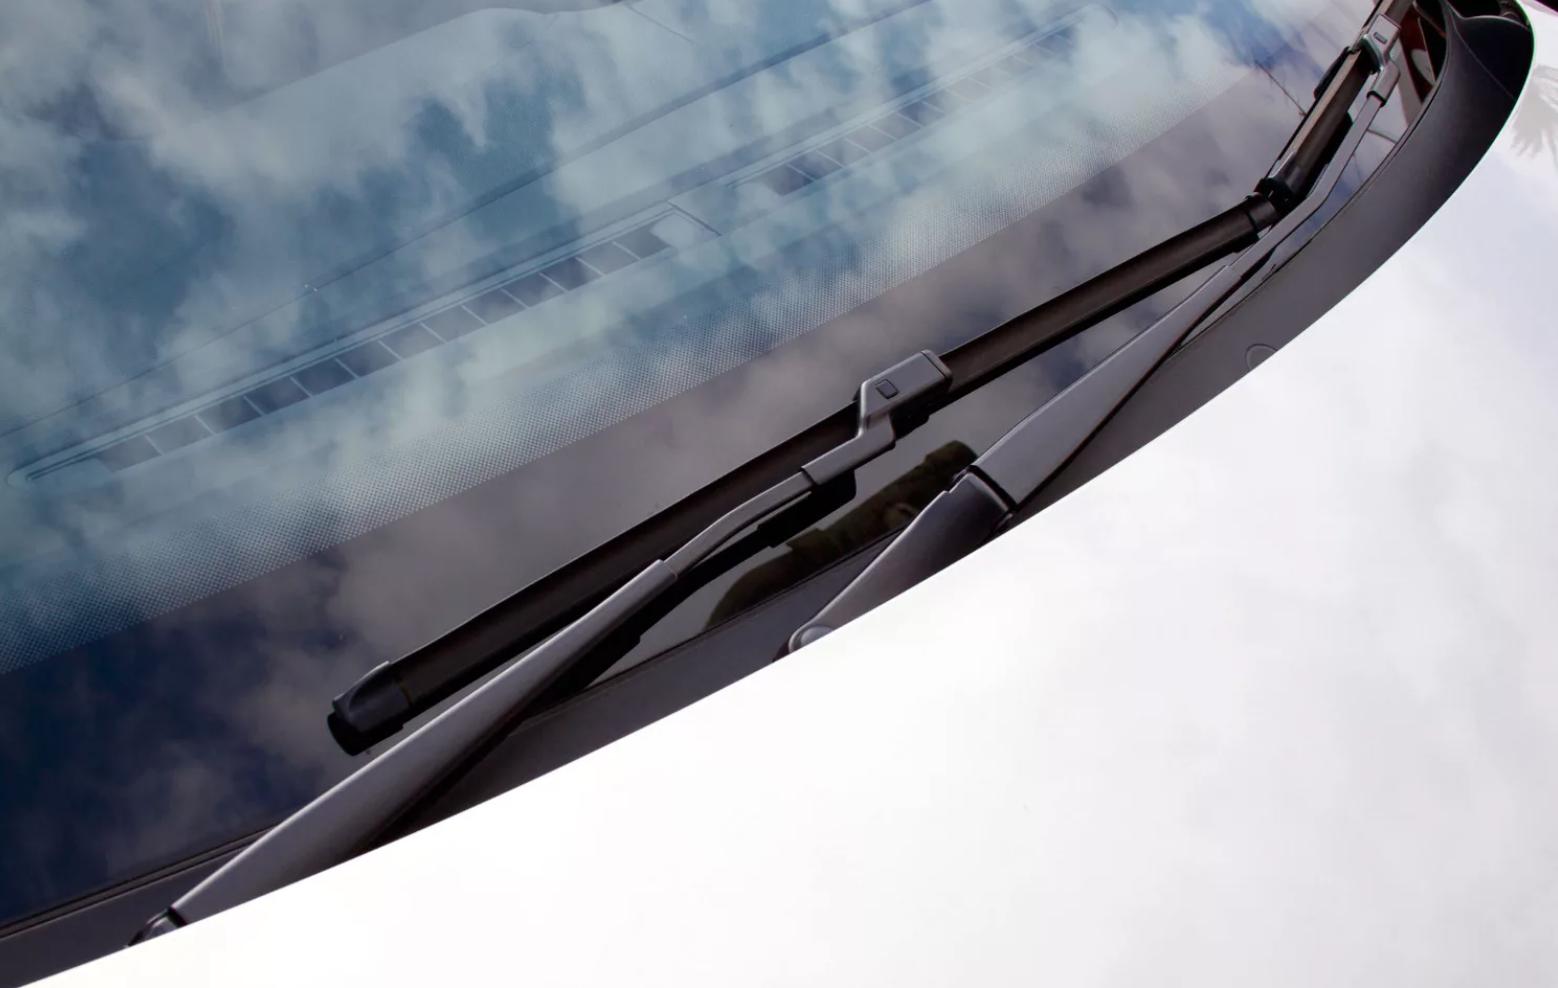 Какие щетки стеклоочистителя ставить на Mitsubishi Lancer 9?